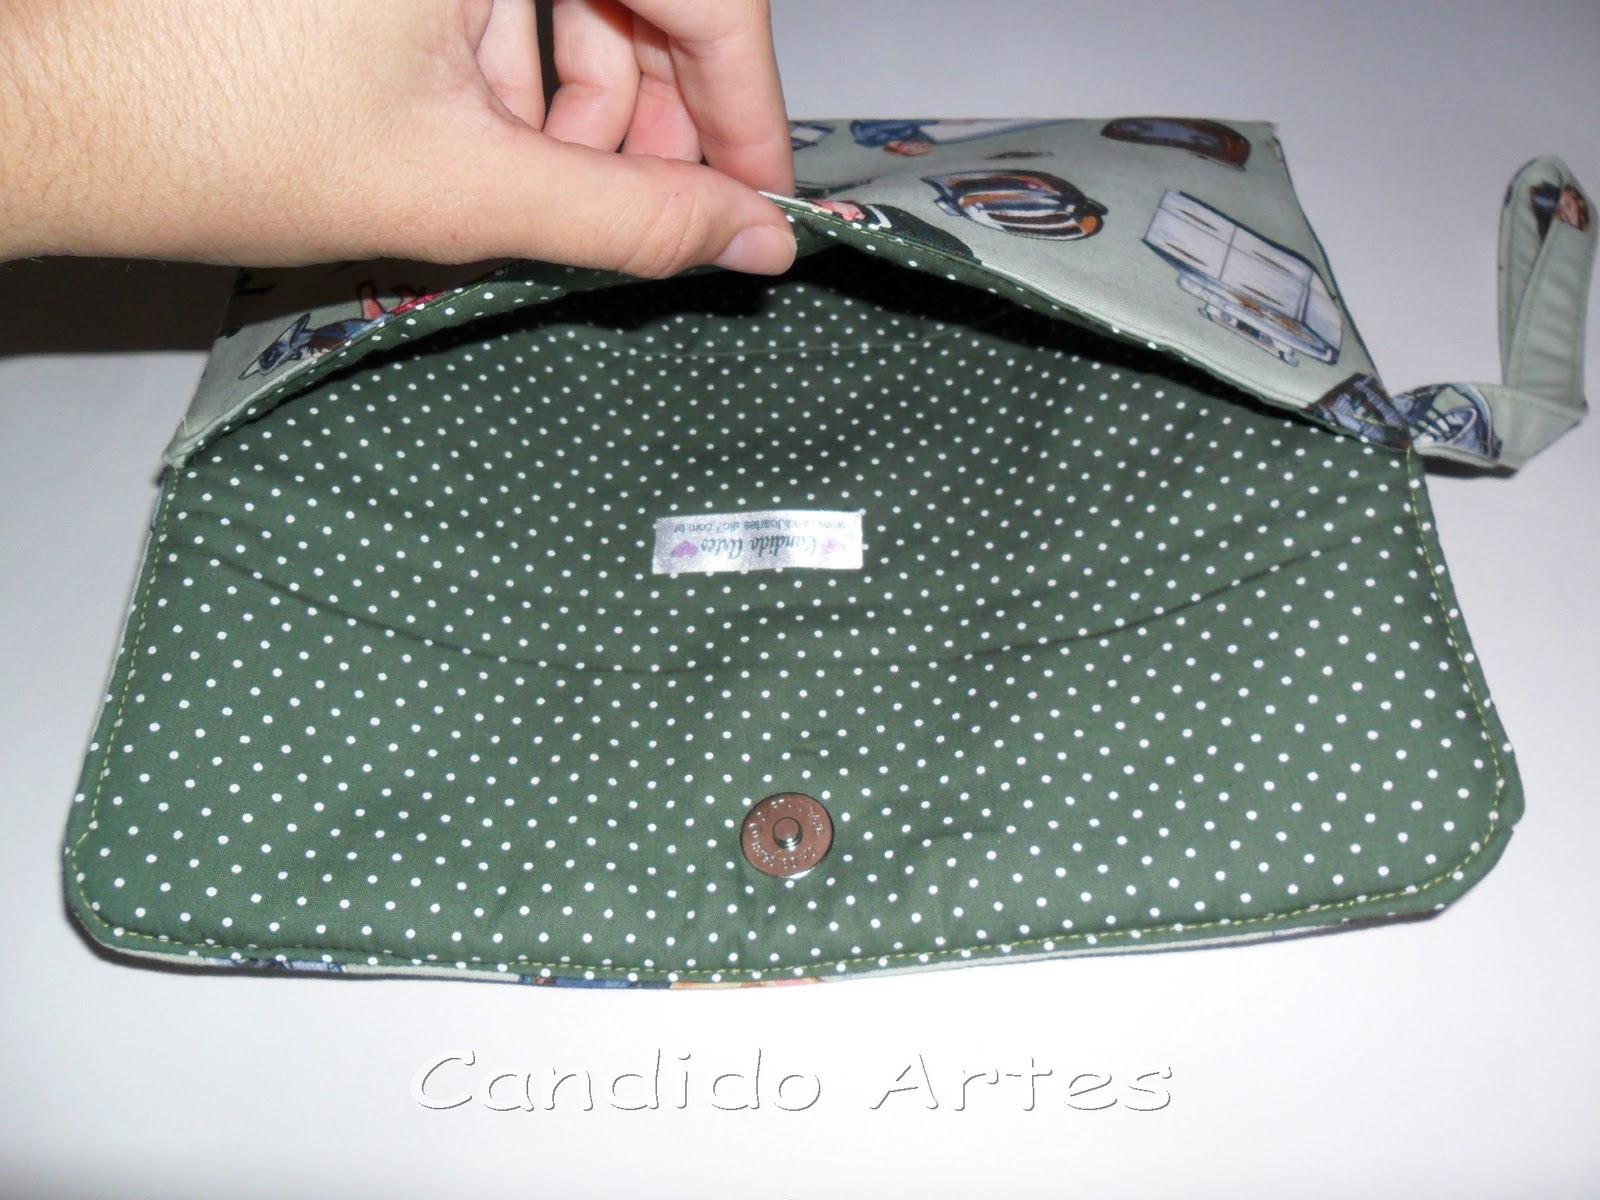 Bolsa De Tecido Artesanal : Artesanato candido artes bolsa de m?o carteira tecido pin